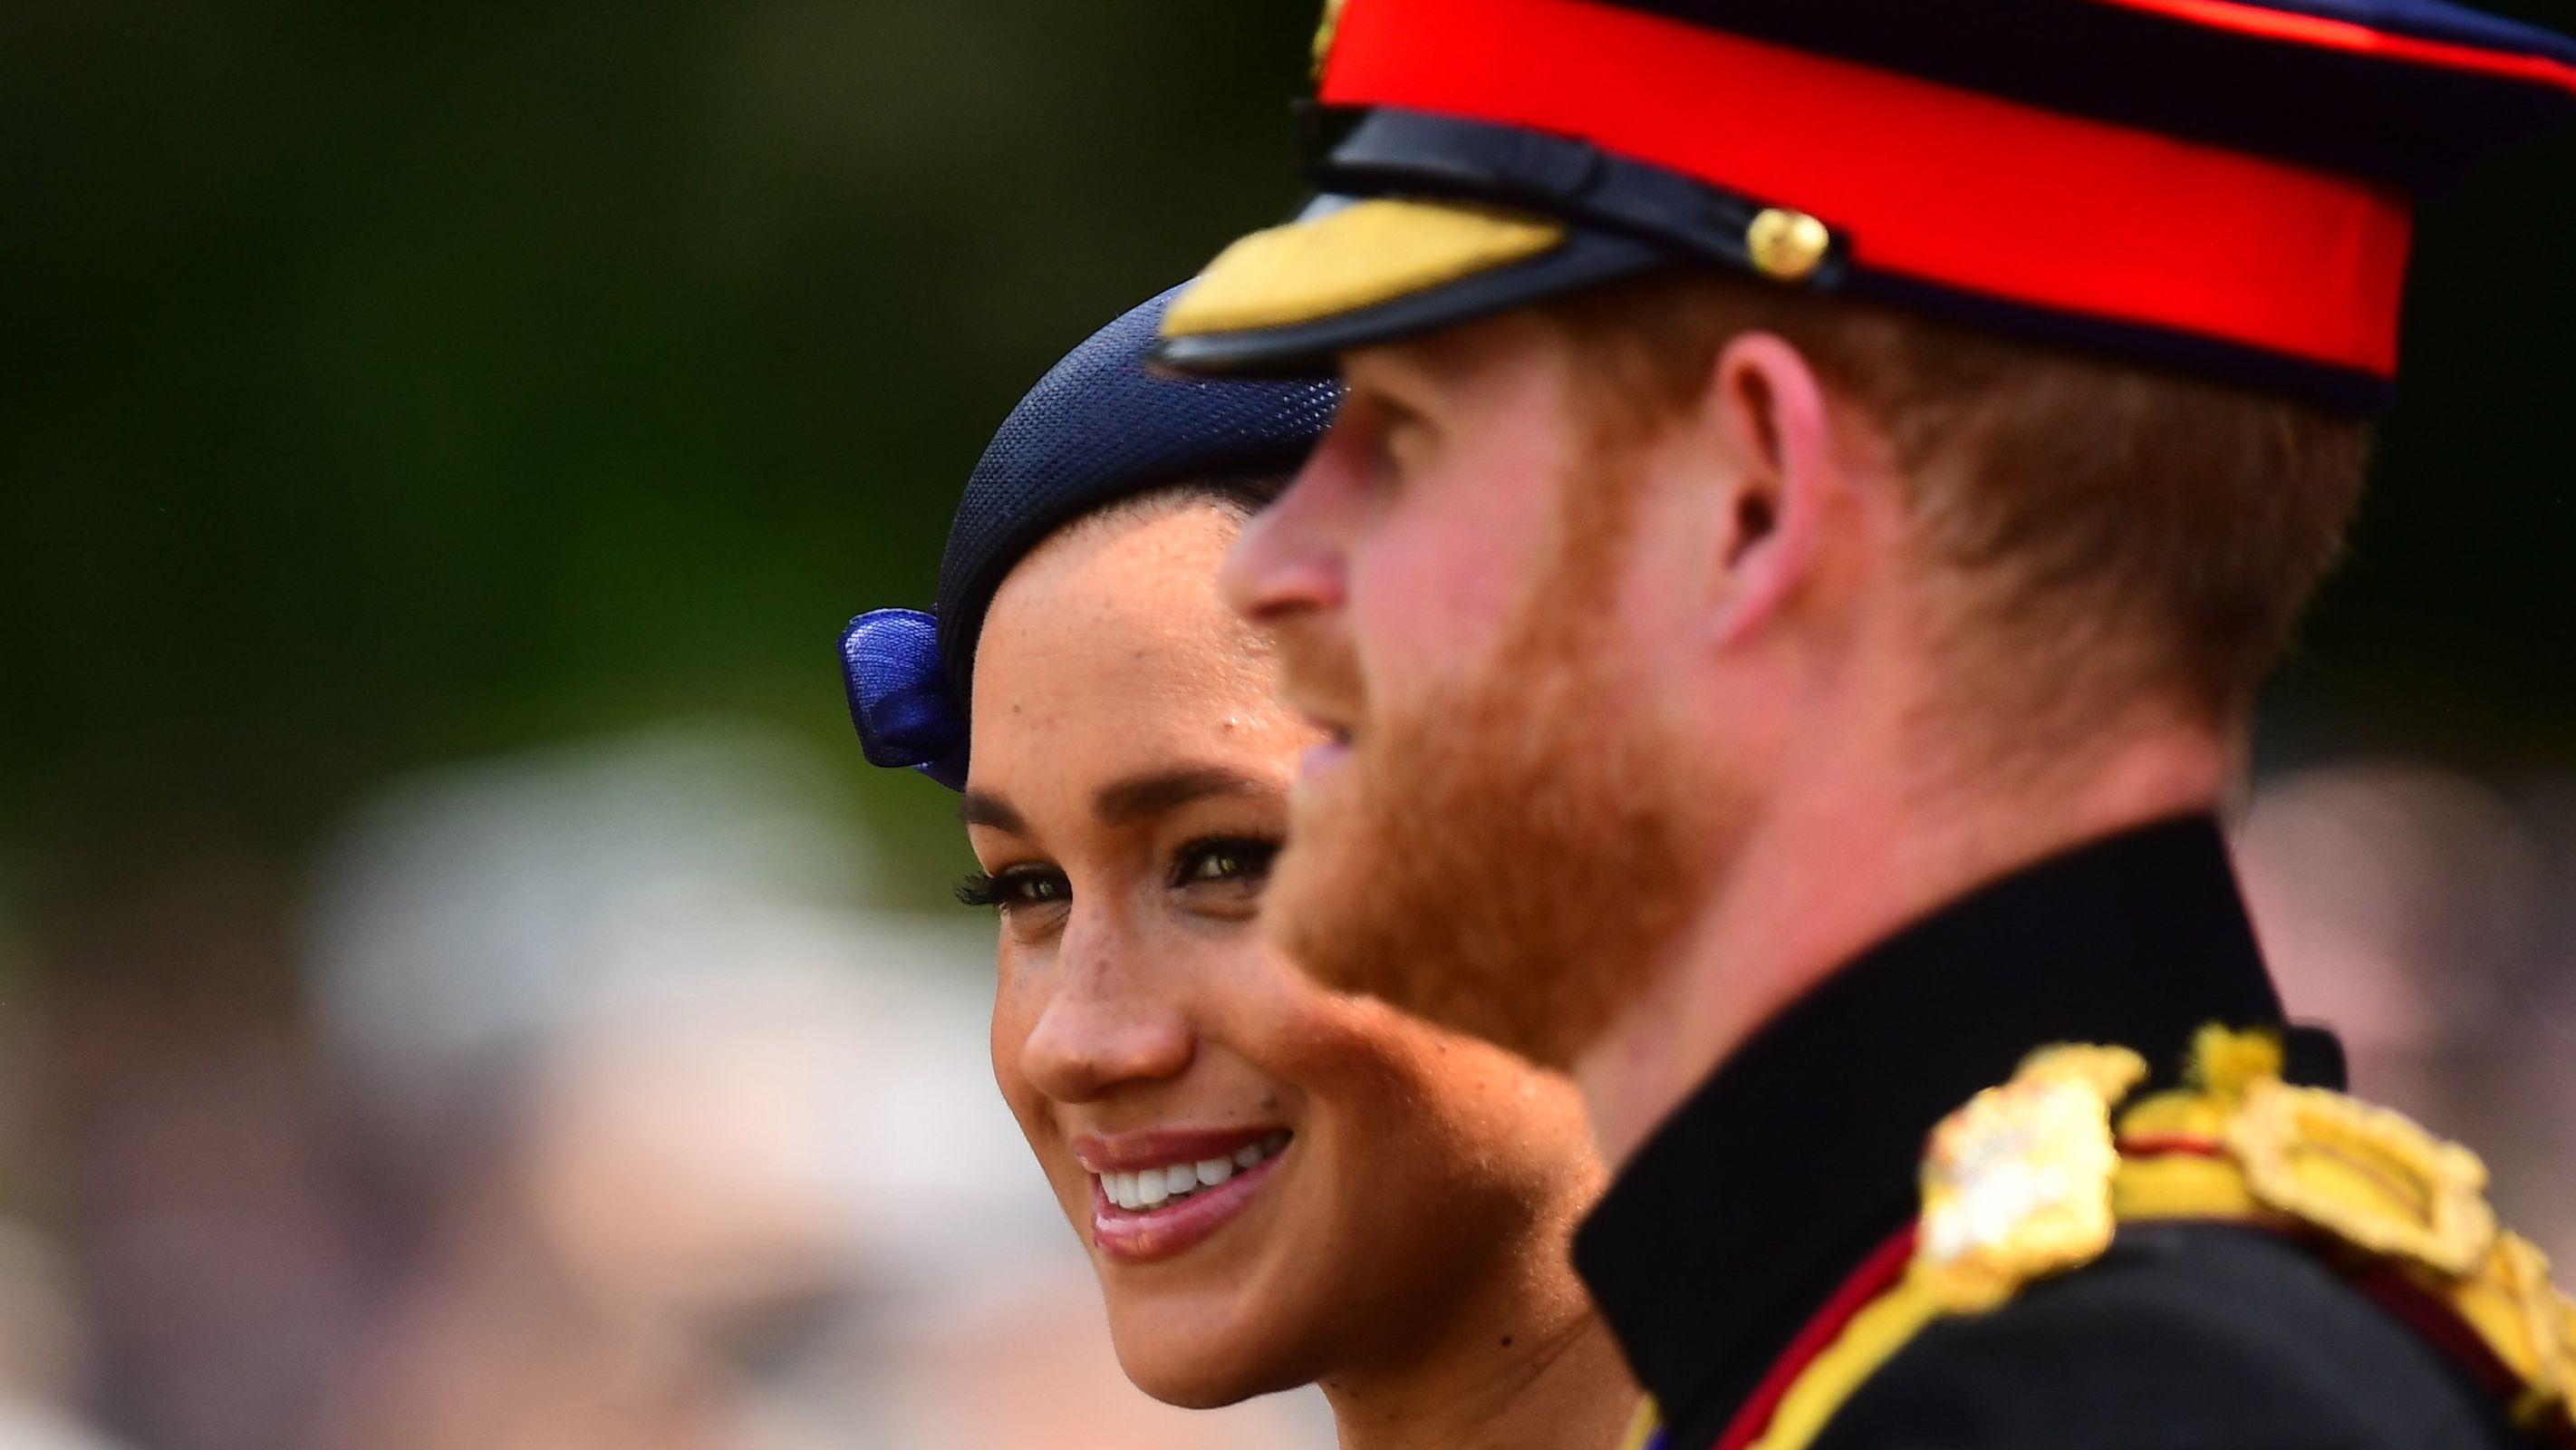 Prinz Harry und Meghan in einer Kutsche zur Horse Guards Parade